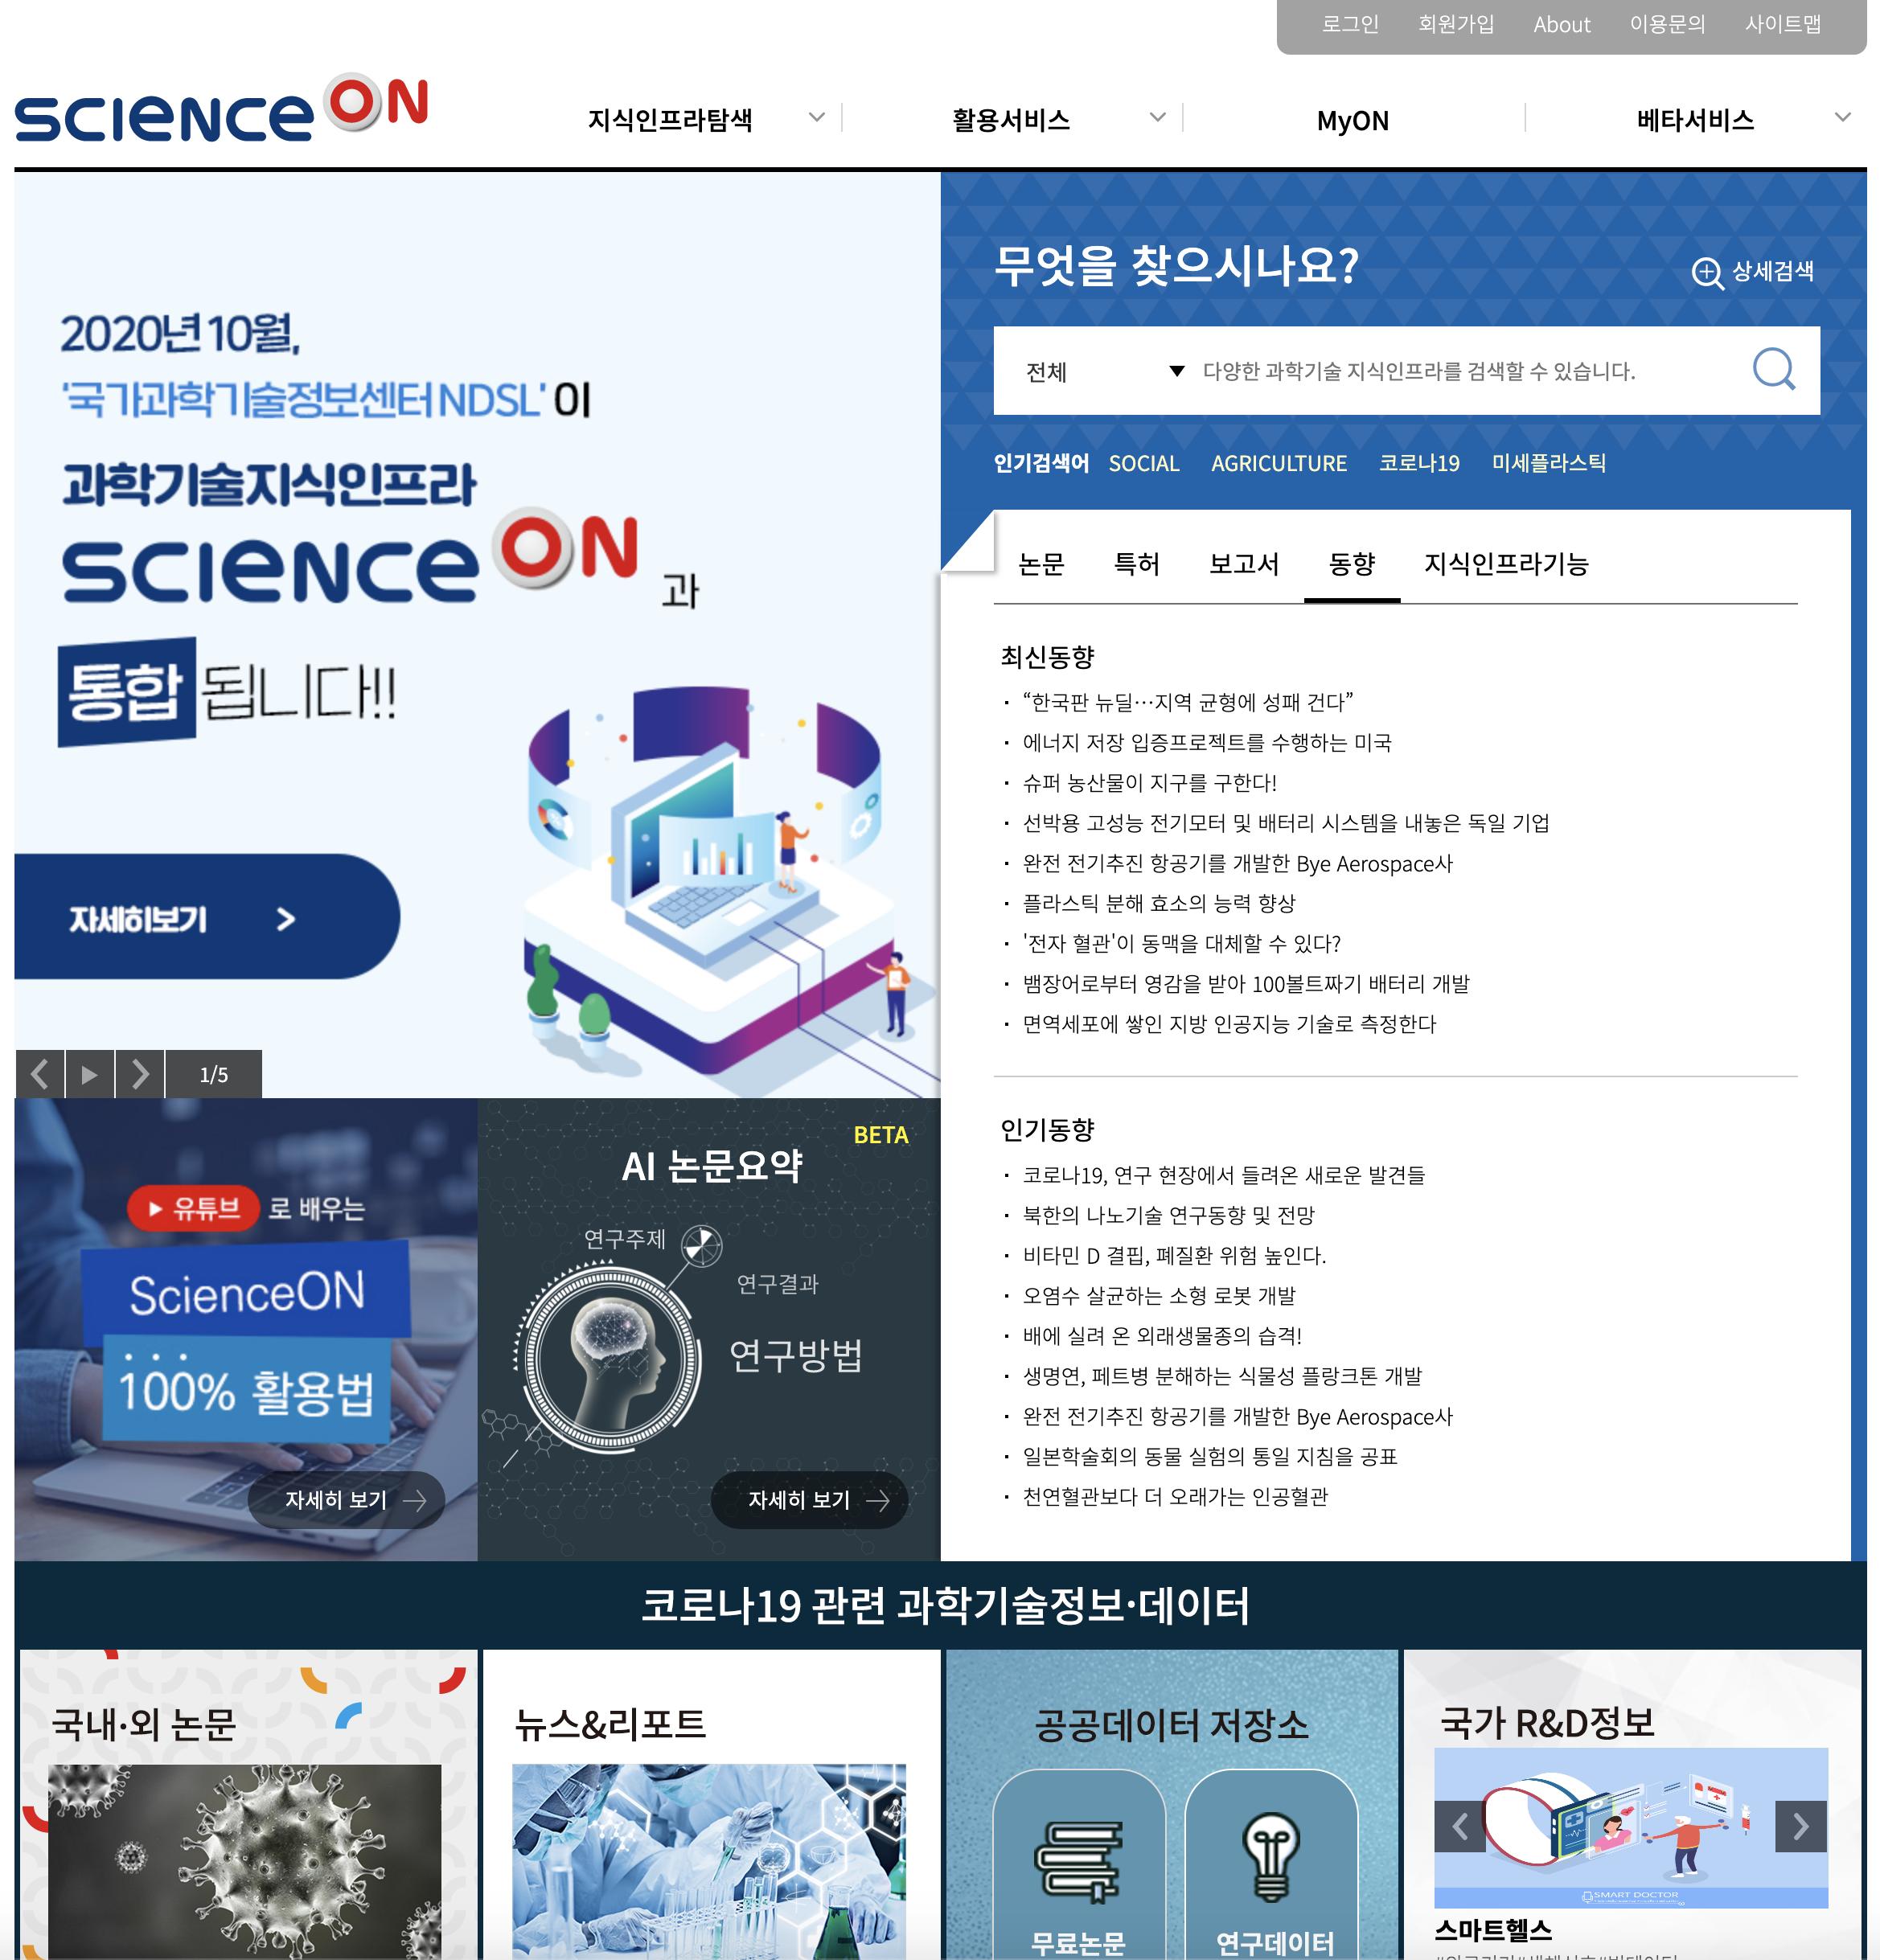 국가과학기술정보센터 NDSL 서비스와 통합되어 새로워진 ScienceON 메인화면